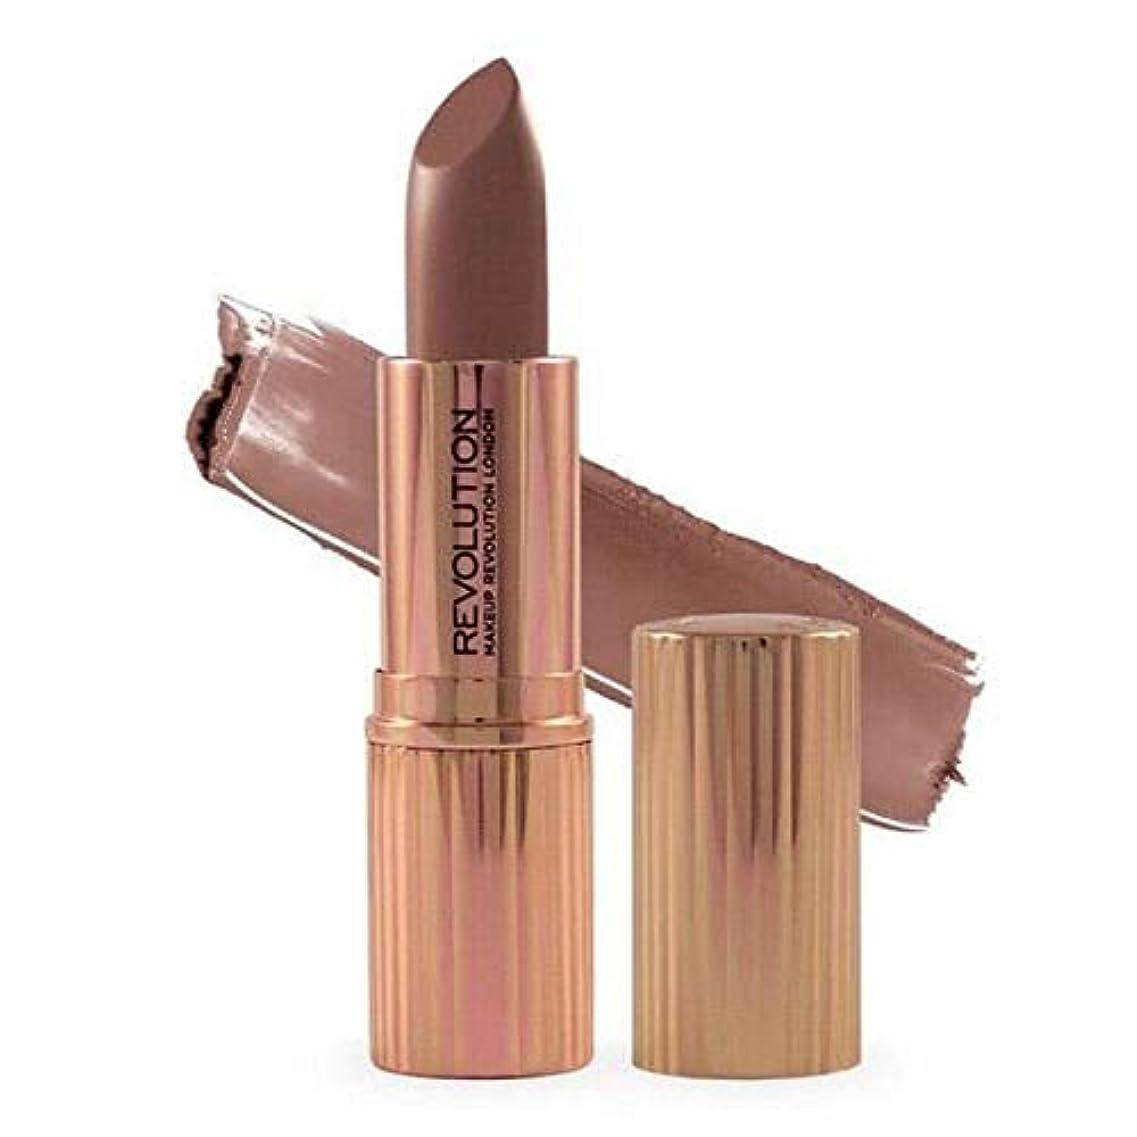 芝生グリーンランド遅れ[Revolution ] 革命ルネサンス口紅の誓い - Revolution Renaissance Lipstick Vow [並行輸入品]